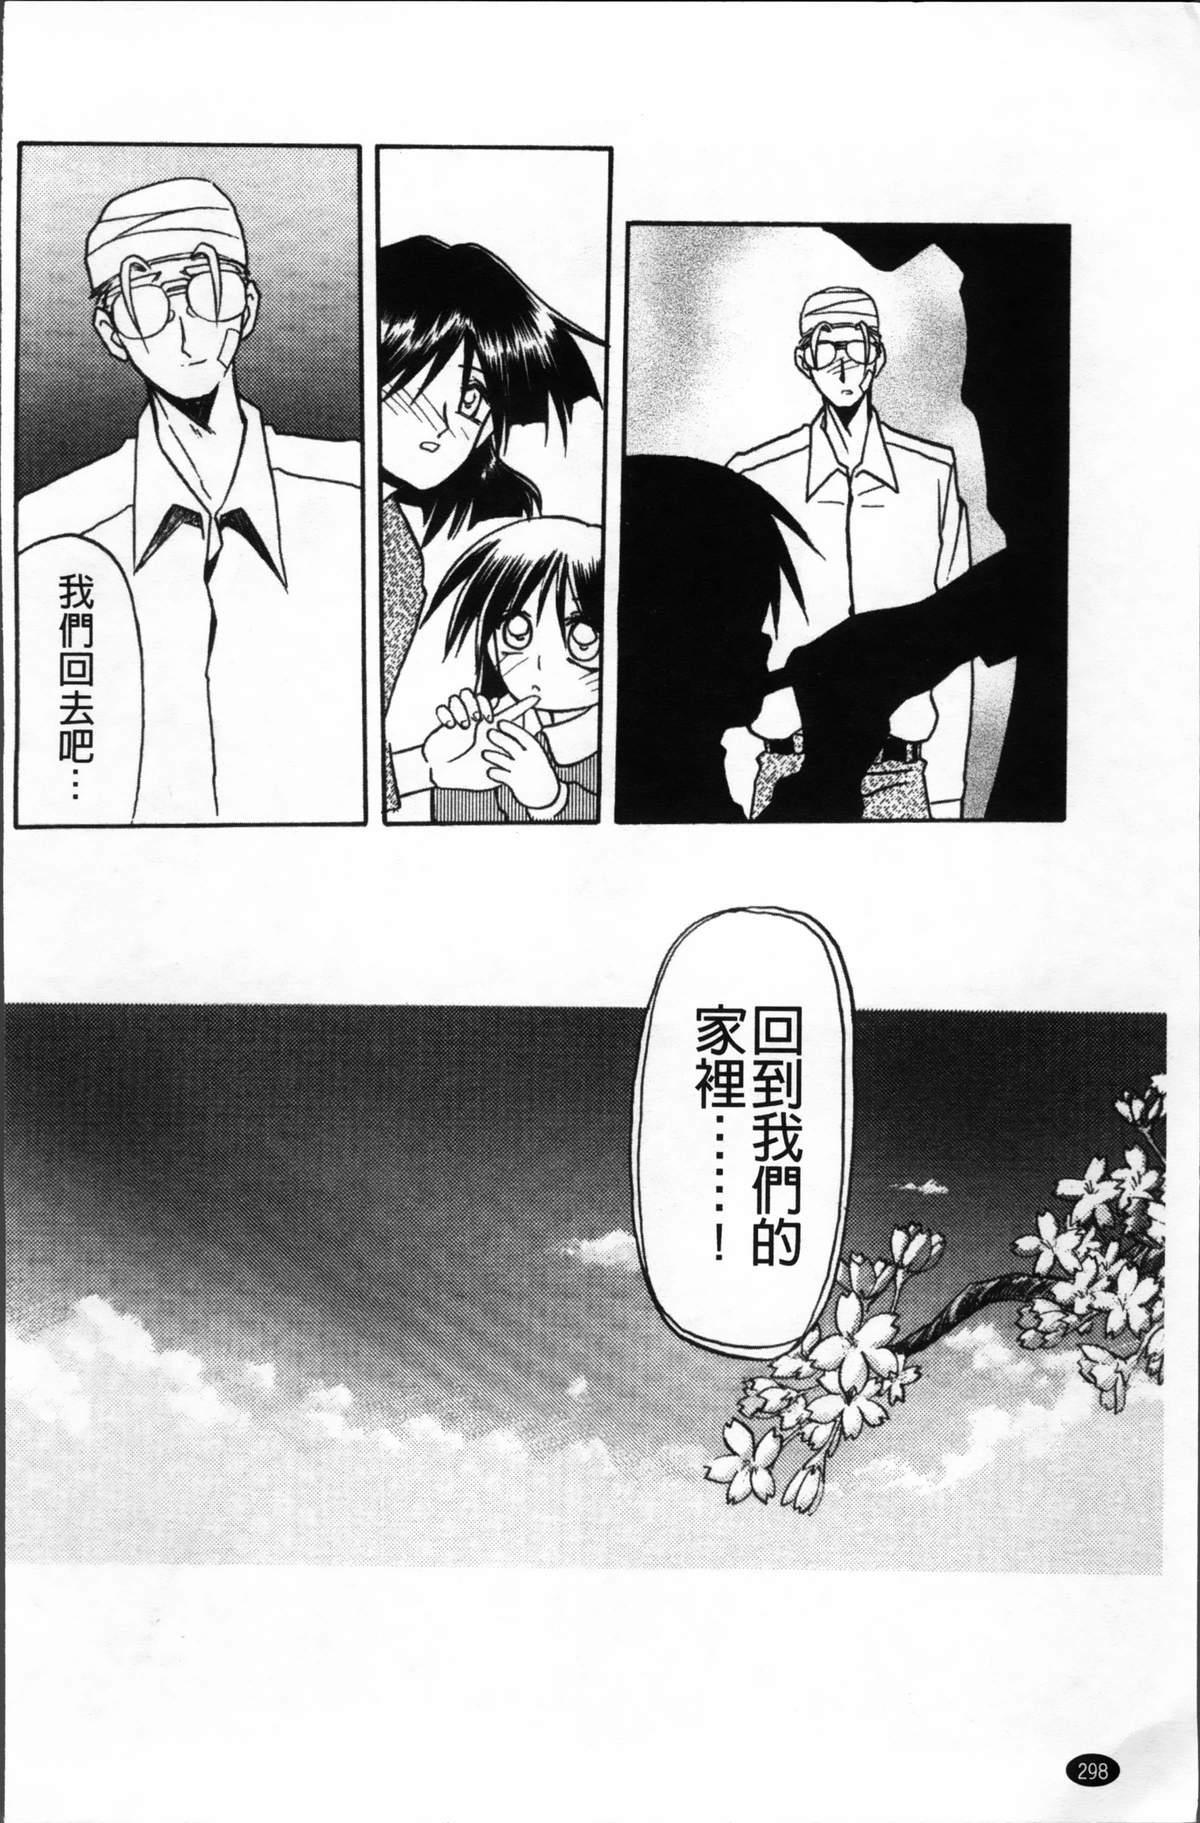 Hiiro no Koku Kanzenban   緋色之刻 完全版 301